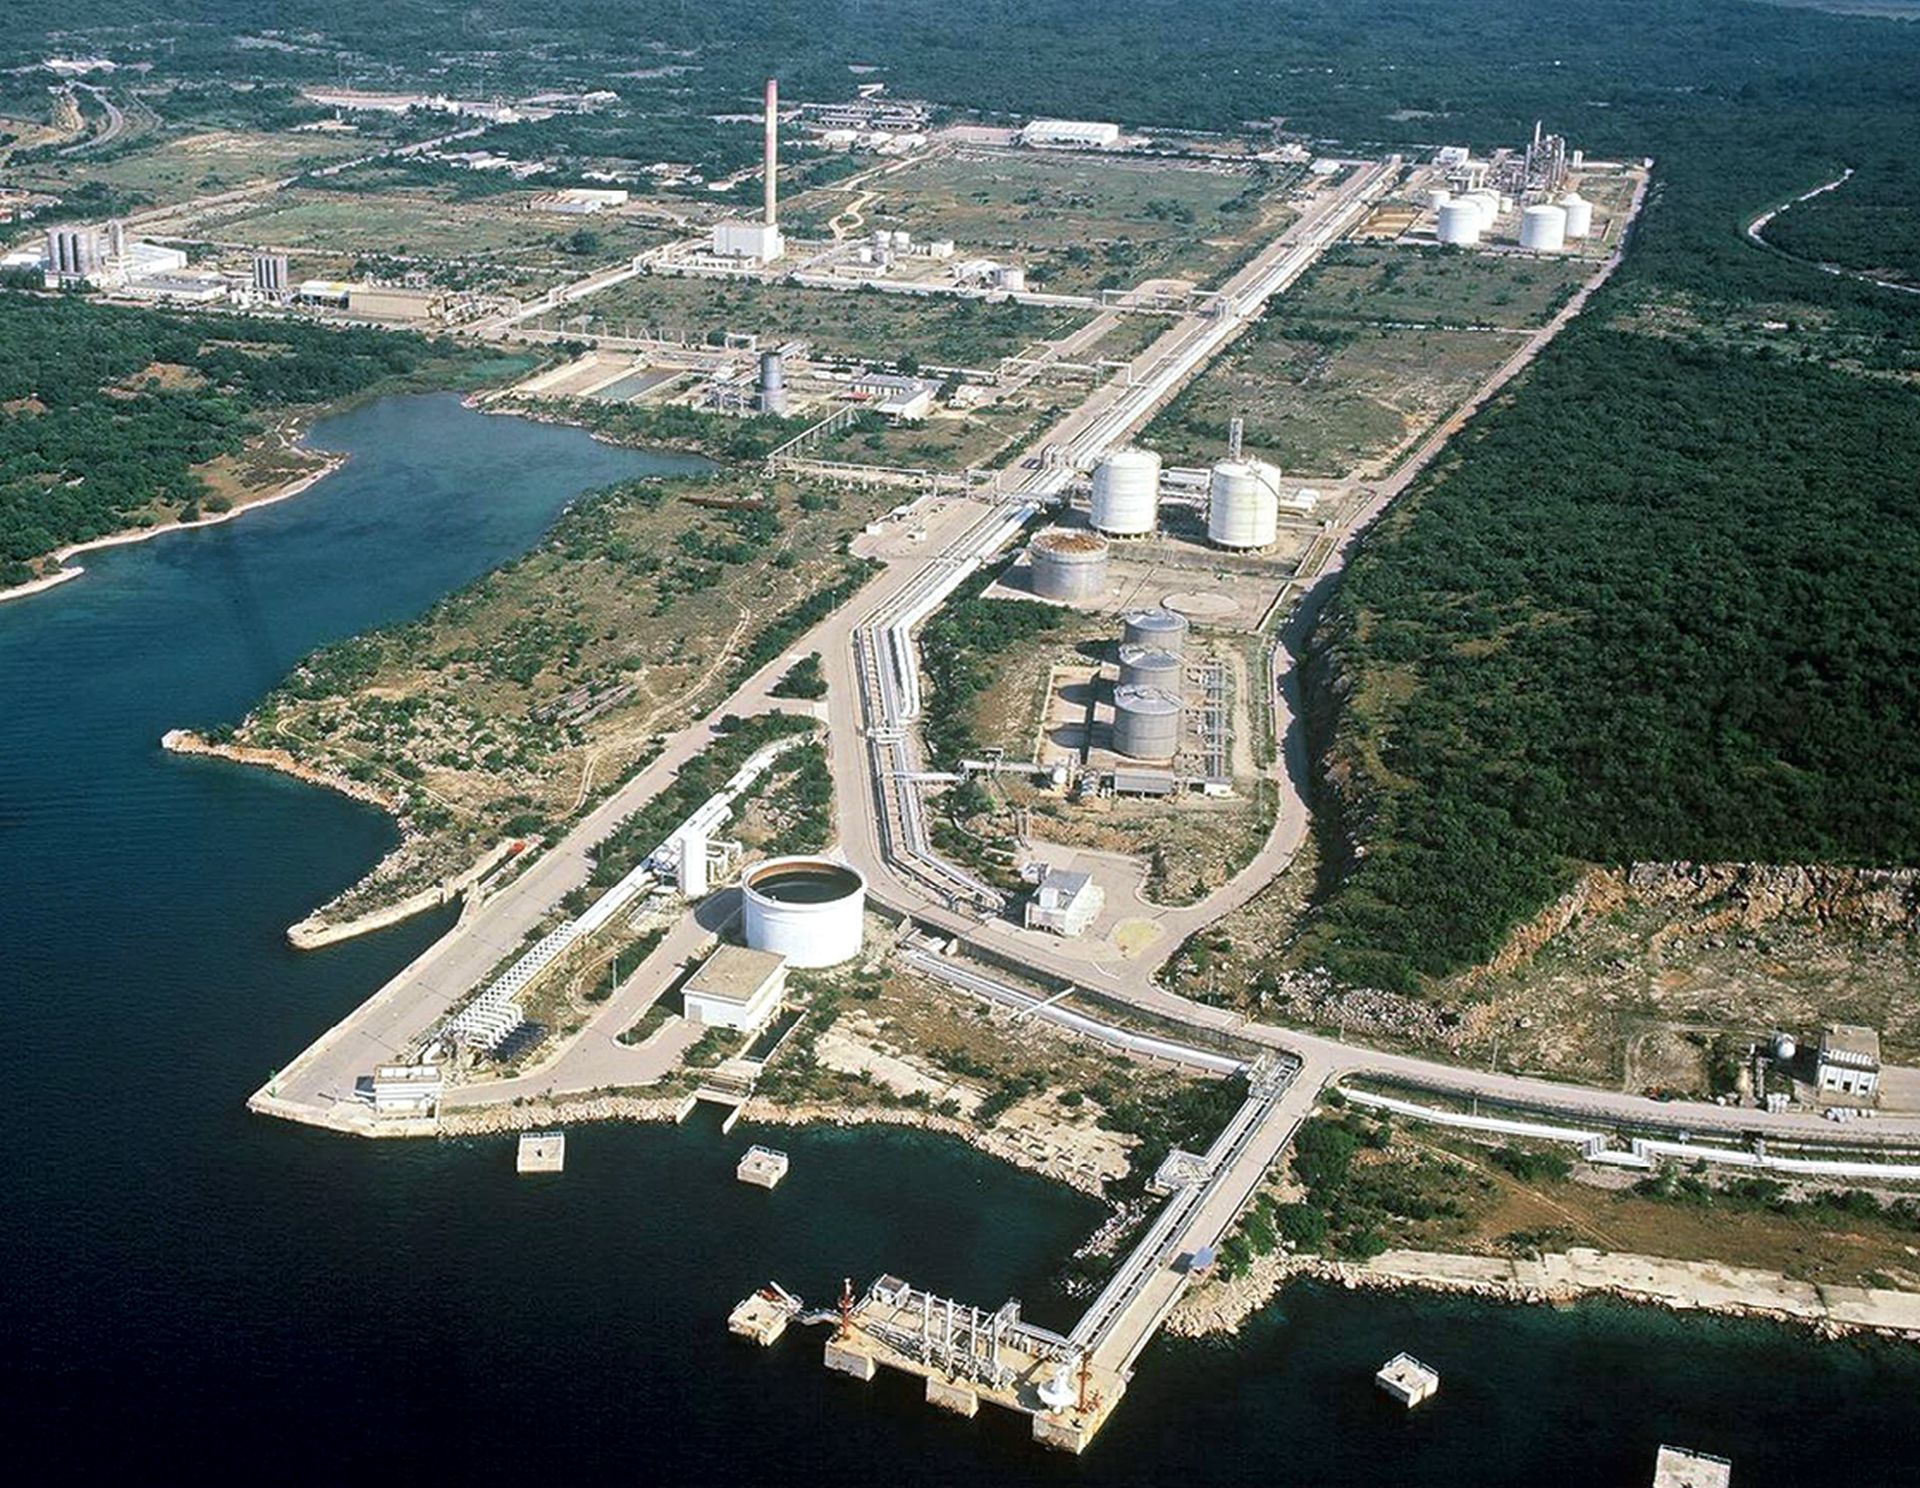 Hrvatskoj odobreno 102 milijuna eura za LNG terminal na Krku